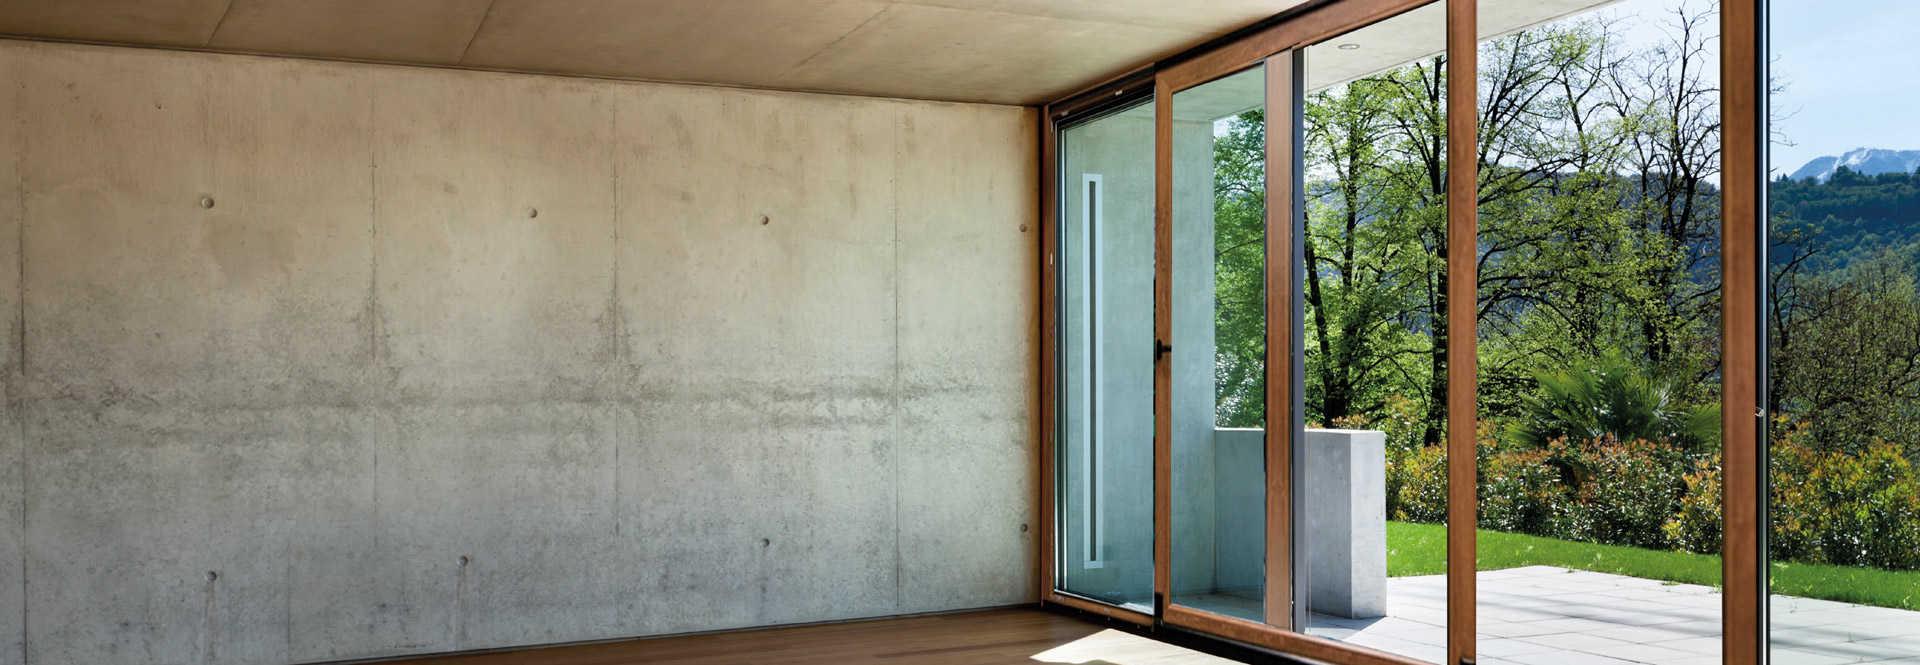 Drzwi nowoczesne szklane